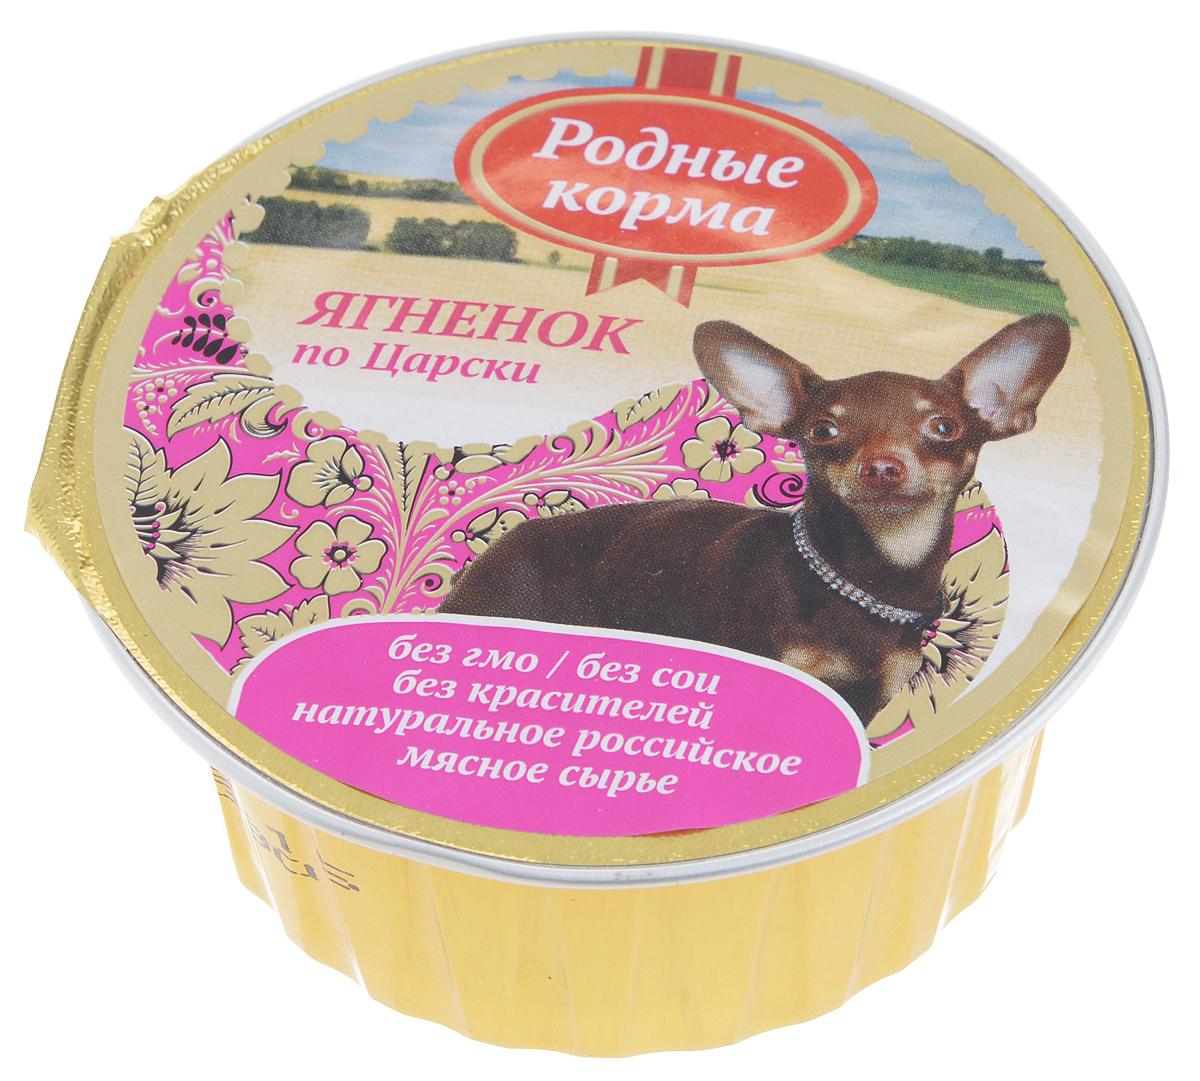 Консервы для собак Родные корма Ягненок по-царски, 125 г60240В рацион домашнего любимца нужно обязательно включать консервированный корм, ведь его главные достоинства - высокая калорийность и питательная ценность. Консервы лучше усваиваются, чем сухие корма. Также важно, что животные, имеющие в рационе консервированный корм, получают больше влаги. Полнорационный консервированный корм Родные корма Ягненок по-царски идеально подойдет вашему любимцу. Консервы приготовлены из натурального российского мяса. Не содержат сои, консервантов, красителей, ароматизаторов и генномодифицированных продуктов. Состав: баранина, мясопродукты, натуральная желирующая добавка, злаки (не более 2%), растительное масло, соль, вода. Пищевая ценность в 100 г: 8% протеин, 6% жир, 0,2% клетчатка, 2% зола, 4% углеводы, влага - до 80%. Энергетическая ценность: 102 кКал. Вес: 125 г. Товар сертифицирован.